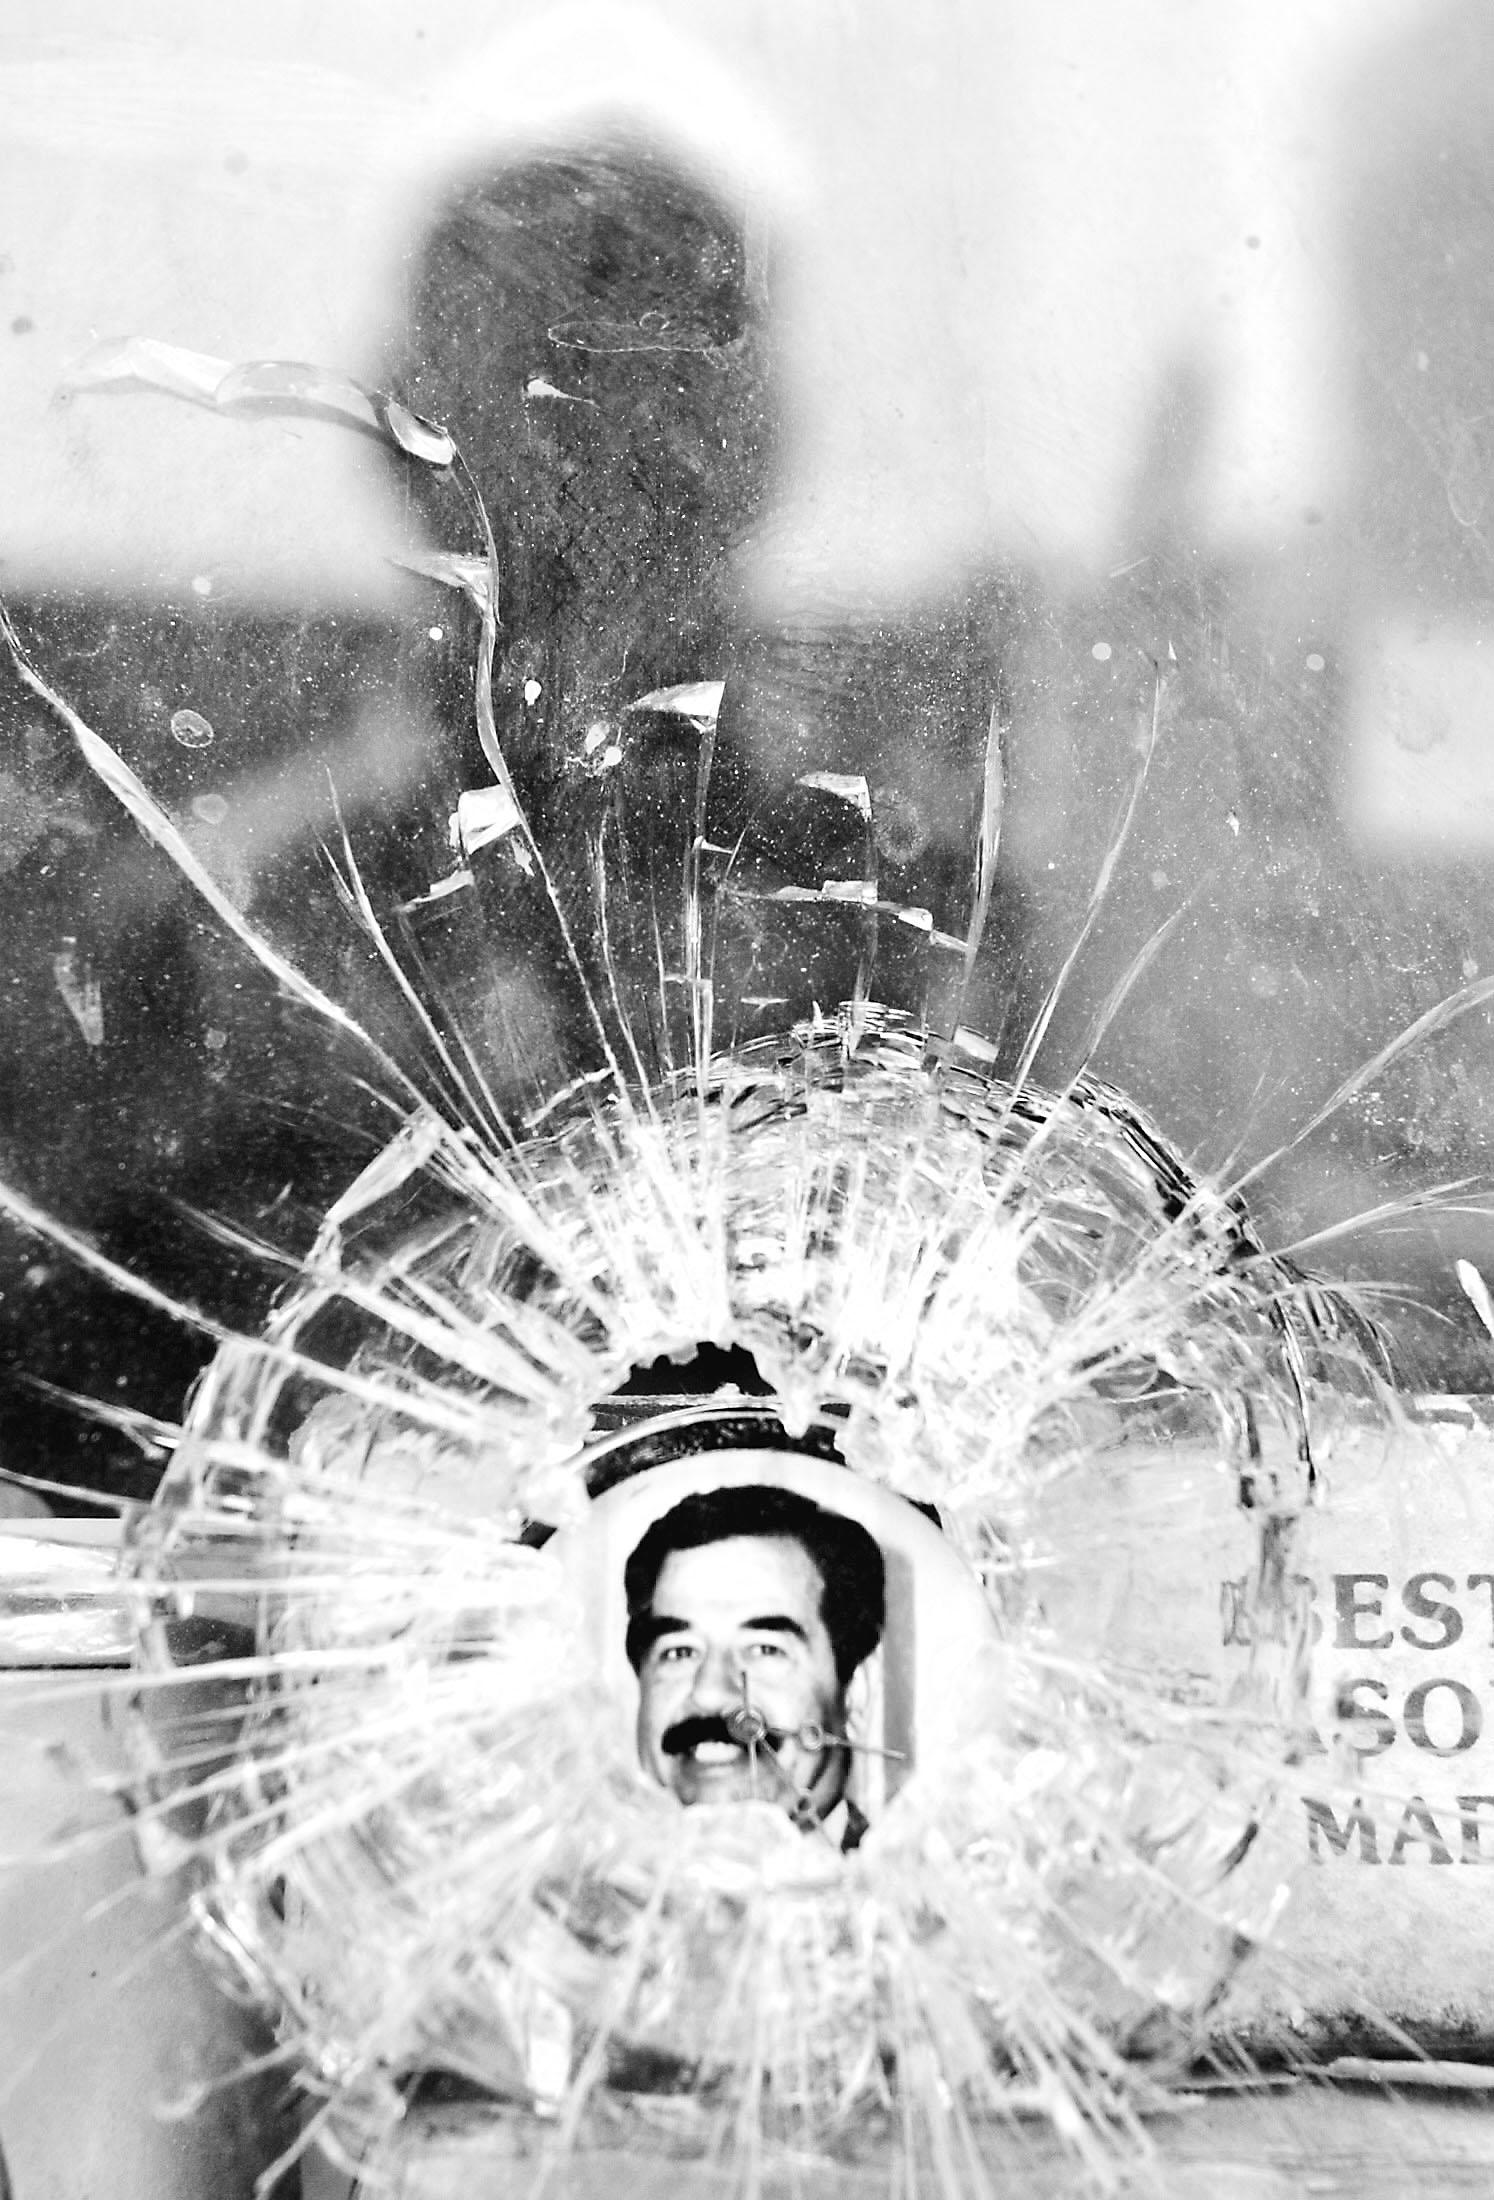 6月30日,伊拉克首都巴格达的一家钟表修理店留着弹孔的玻璃后面露出伊拉克前总统萨达姆的头像。 新华社/路透   久违200天,萨达姆6月30日向大家问好。一句早安,是他被移交给伊拉克临时政府时的开场白。   当天的移交仪式没有对外界公开。不过据当时在场的伊拉克官员说,萨达姆侯赛因这位伊拉克前总统、一位执政30余年的统治者当天见到伊拉克人、特别是那些昔日被放逐、今日重新掌权的伊拉克官员时,似乎有许多话想说。   理发剃须消瘦   无论如何,30多年的世事变迁,对于萨达姆来说,岂是三言两语可以